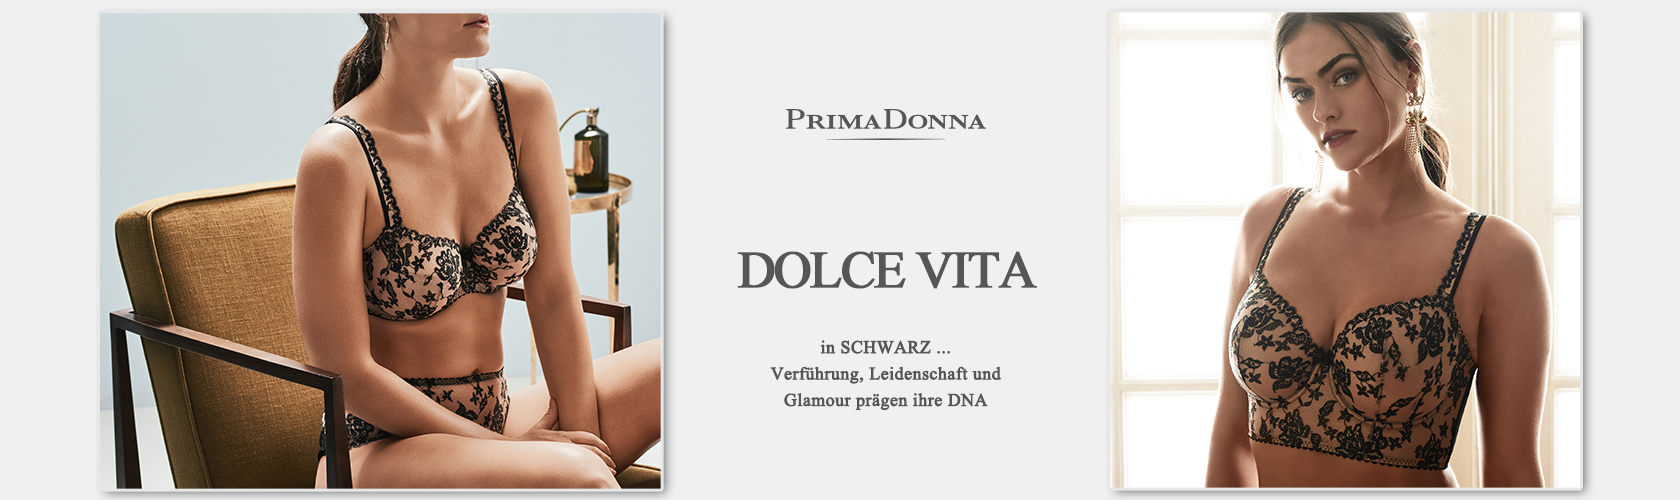 Slideshow DOLCE VITA ZWA 26.9.